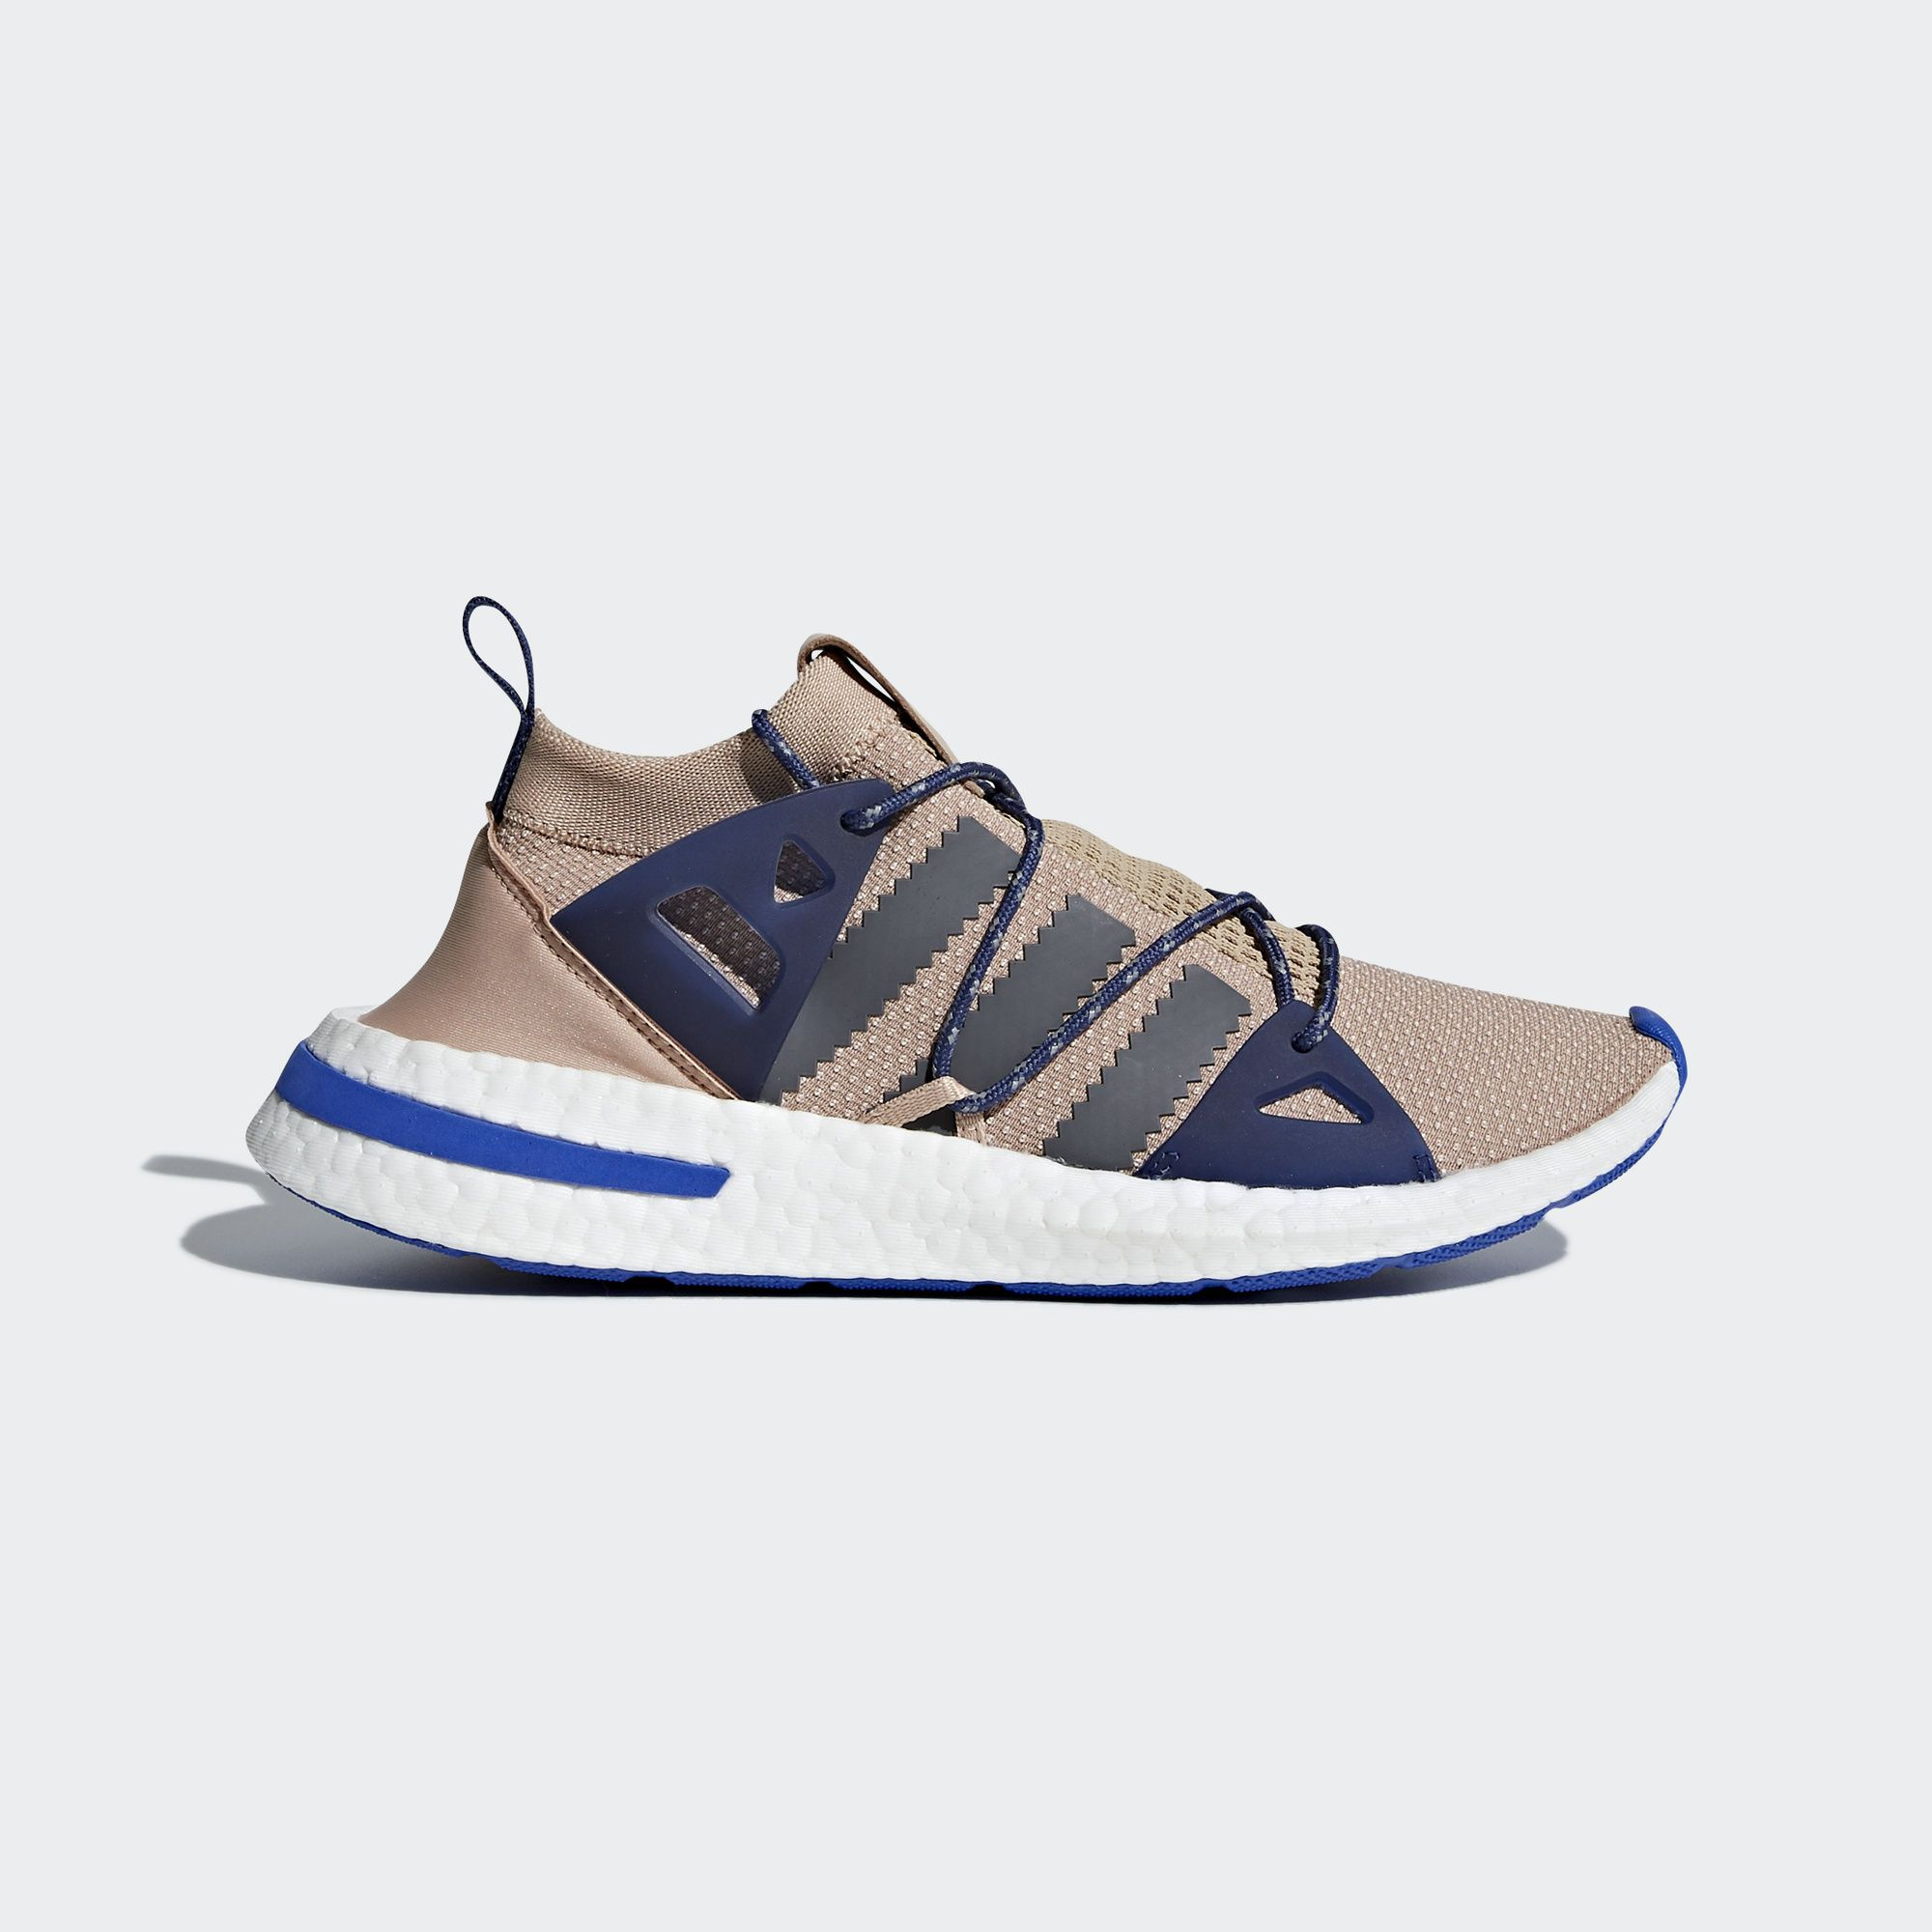 Envío Libre Populares Adidas Arkyn Primeknit sneakers - Pink & Purple Venta Barata Con Paypal Pago De Descuento Con Visa 7LW0e